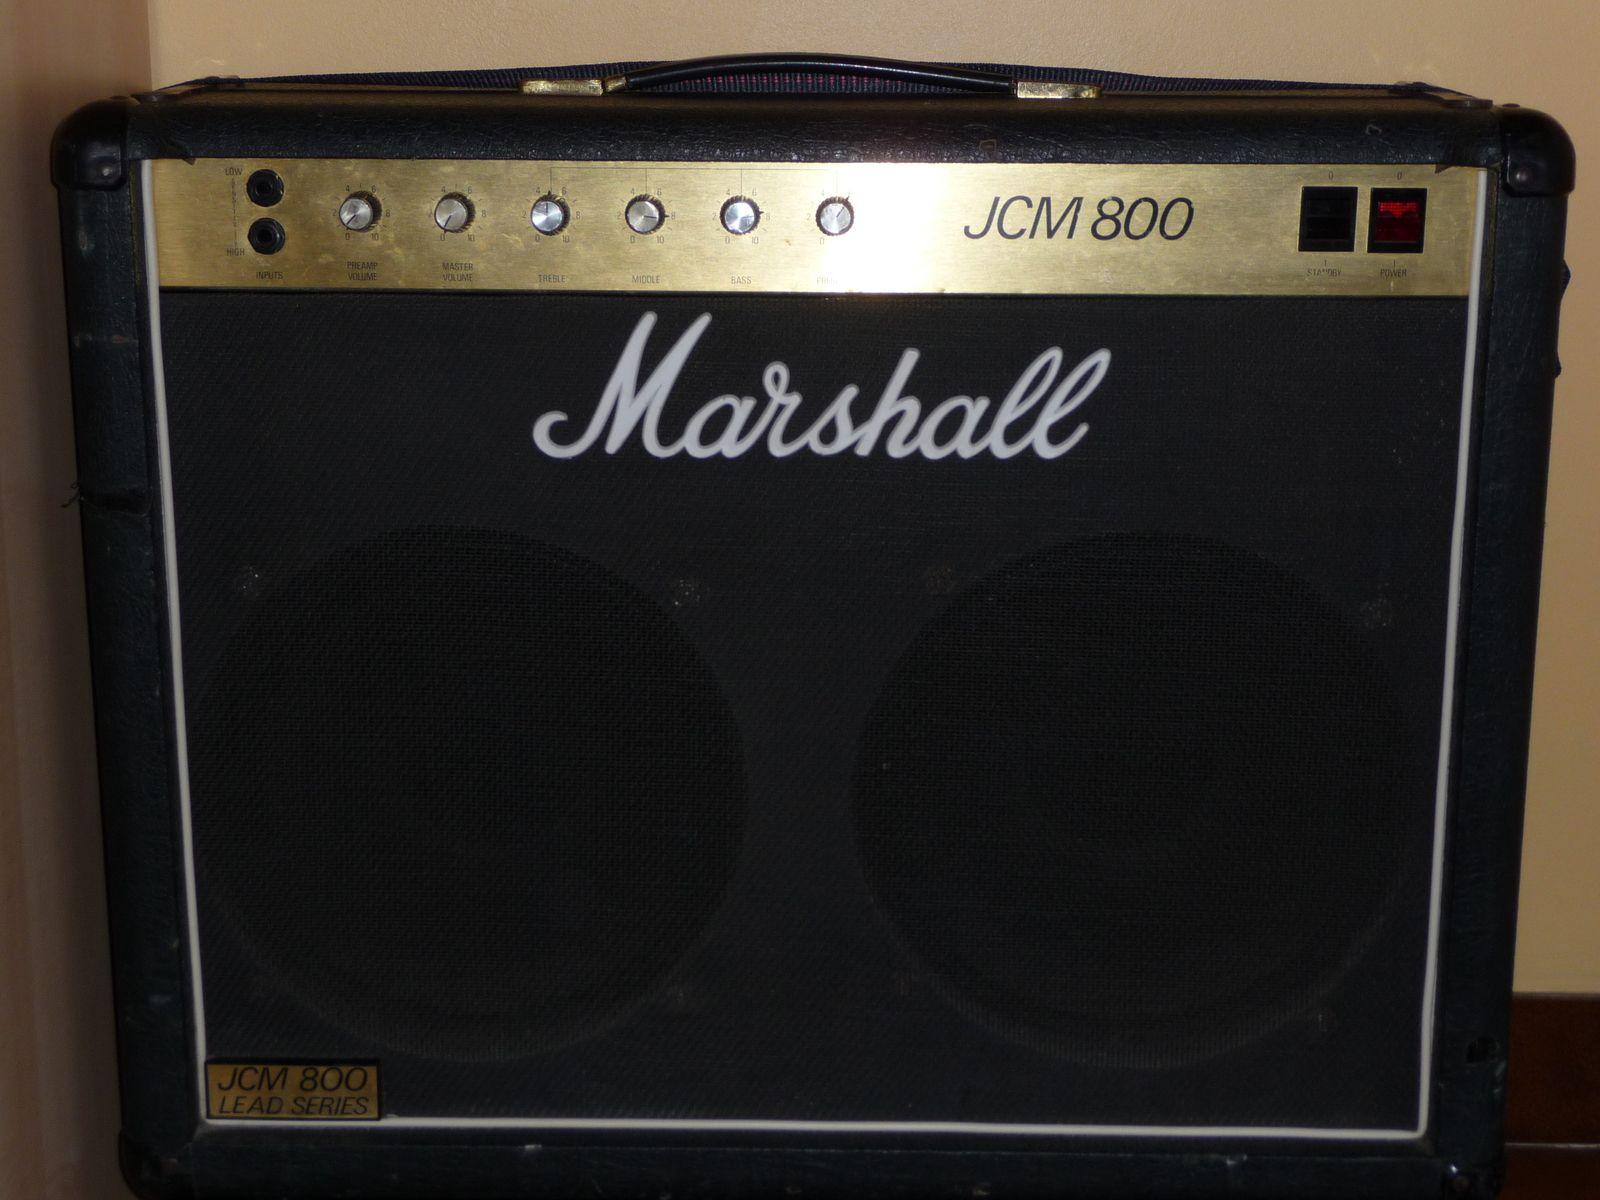 Marshall Jcm800 4104 2x12 Combo Amp Vinyl Amplifier Cover